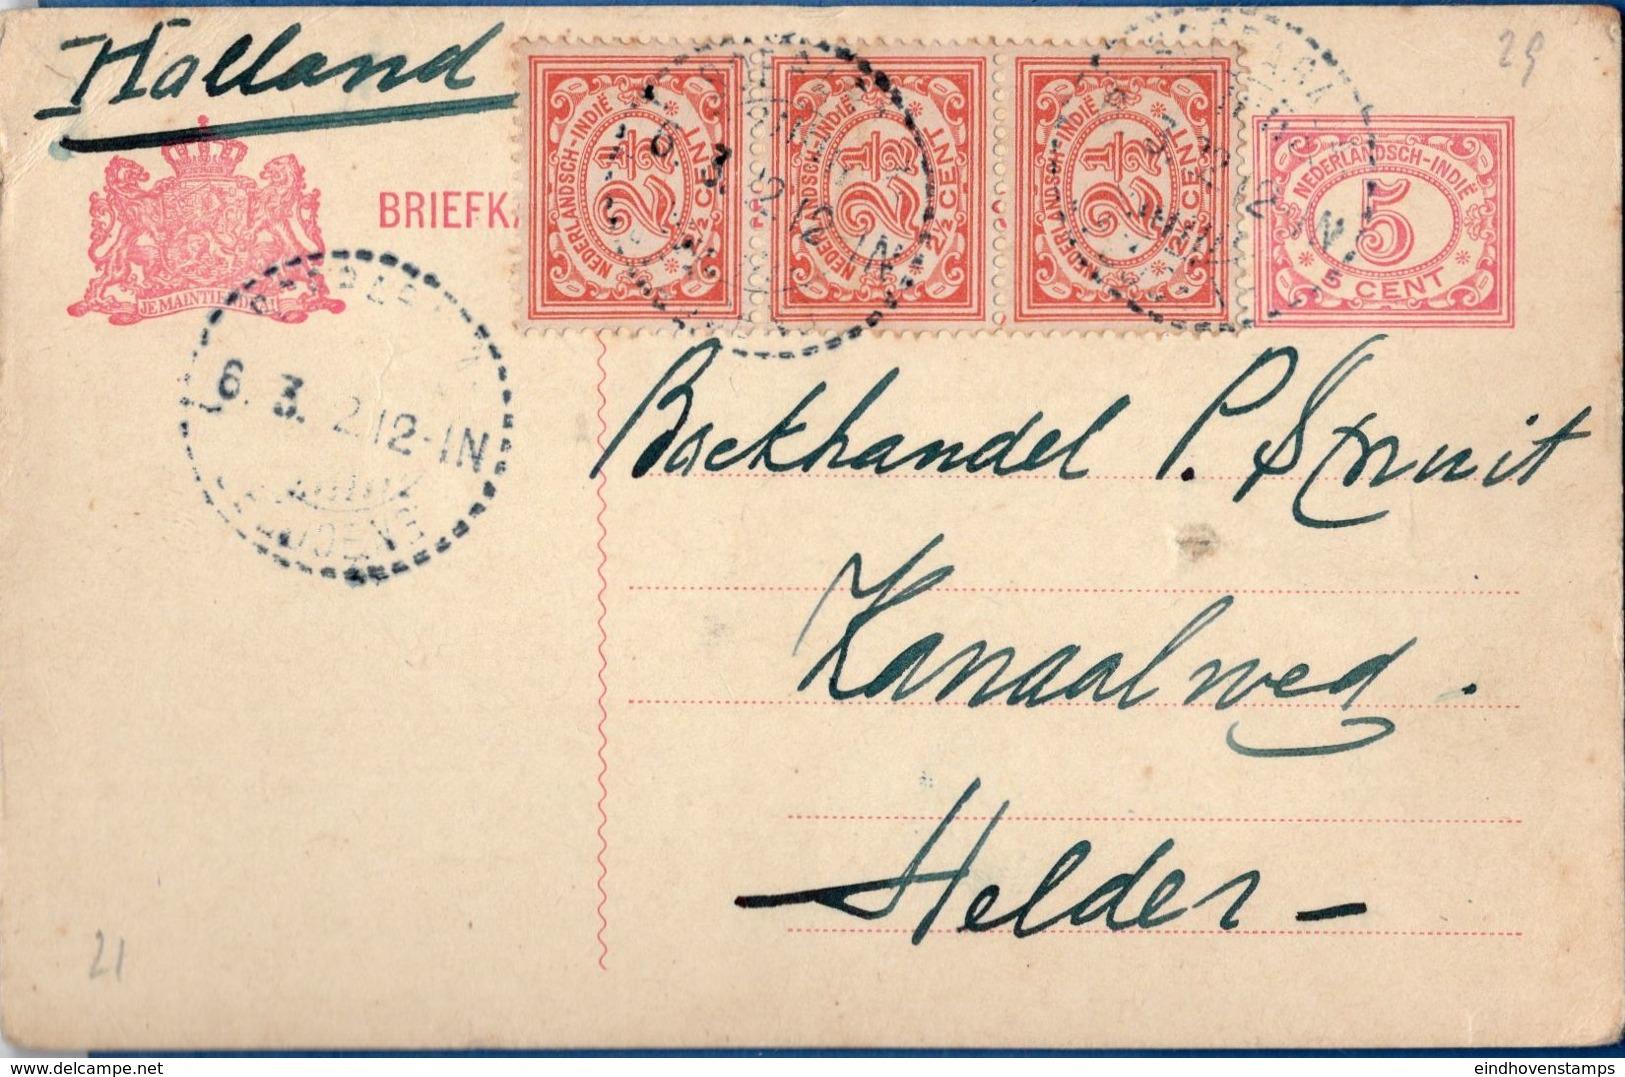 Nederlands Indie 1922 5 Ct Stationery Card With 3x 2½ Cts From Soerabaja, 6.3.22 To (Den) Helder, Netherlands - Indes Néerlandaises